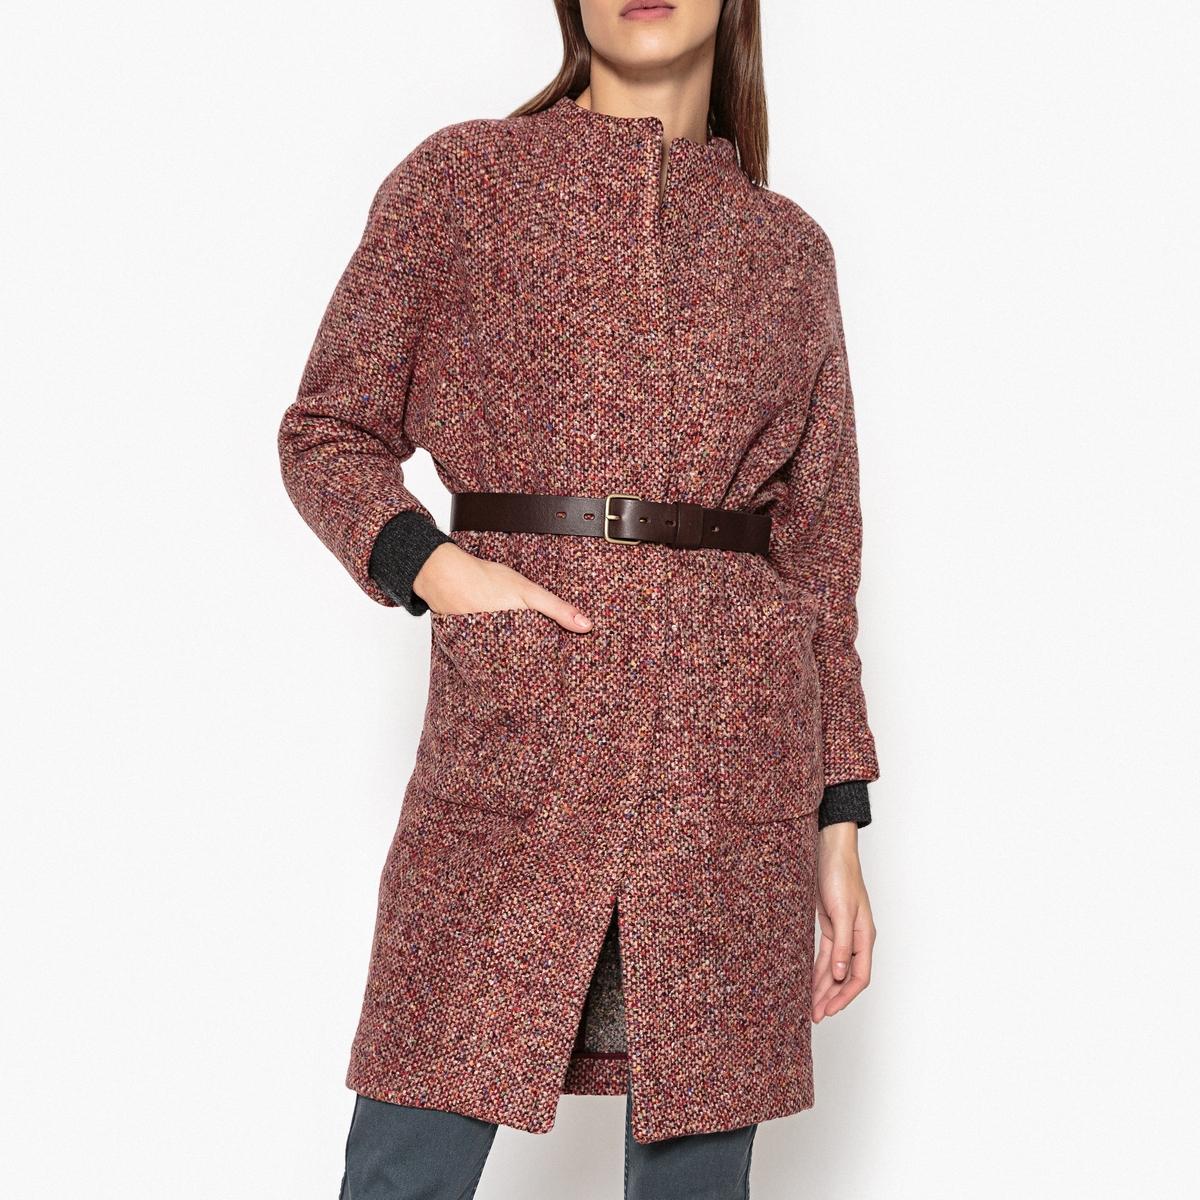 Пальто из разноцветного трикотажа JANUARYОписание:Пальто BA&amp;SH - модель JANUARY из разноцветного шерстяного трикотажа и шёлка с кожаным поясом на пряжке.Детали •  Длина : средняя •  Без воротника •  Без застежкиСостав и уход •  25% шёлка, 45% шерсти, 30% полиамида •  Следуйте рекомендациям по уходу, указанным на этикетке изделия •  2 боковых кармана<br><br>Цвет: разноцветный<br>Размер: M